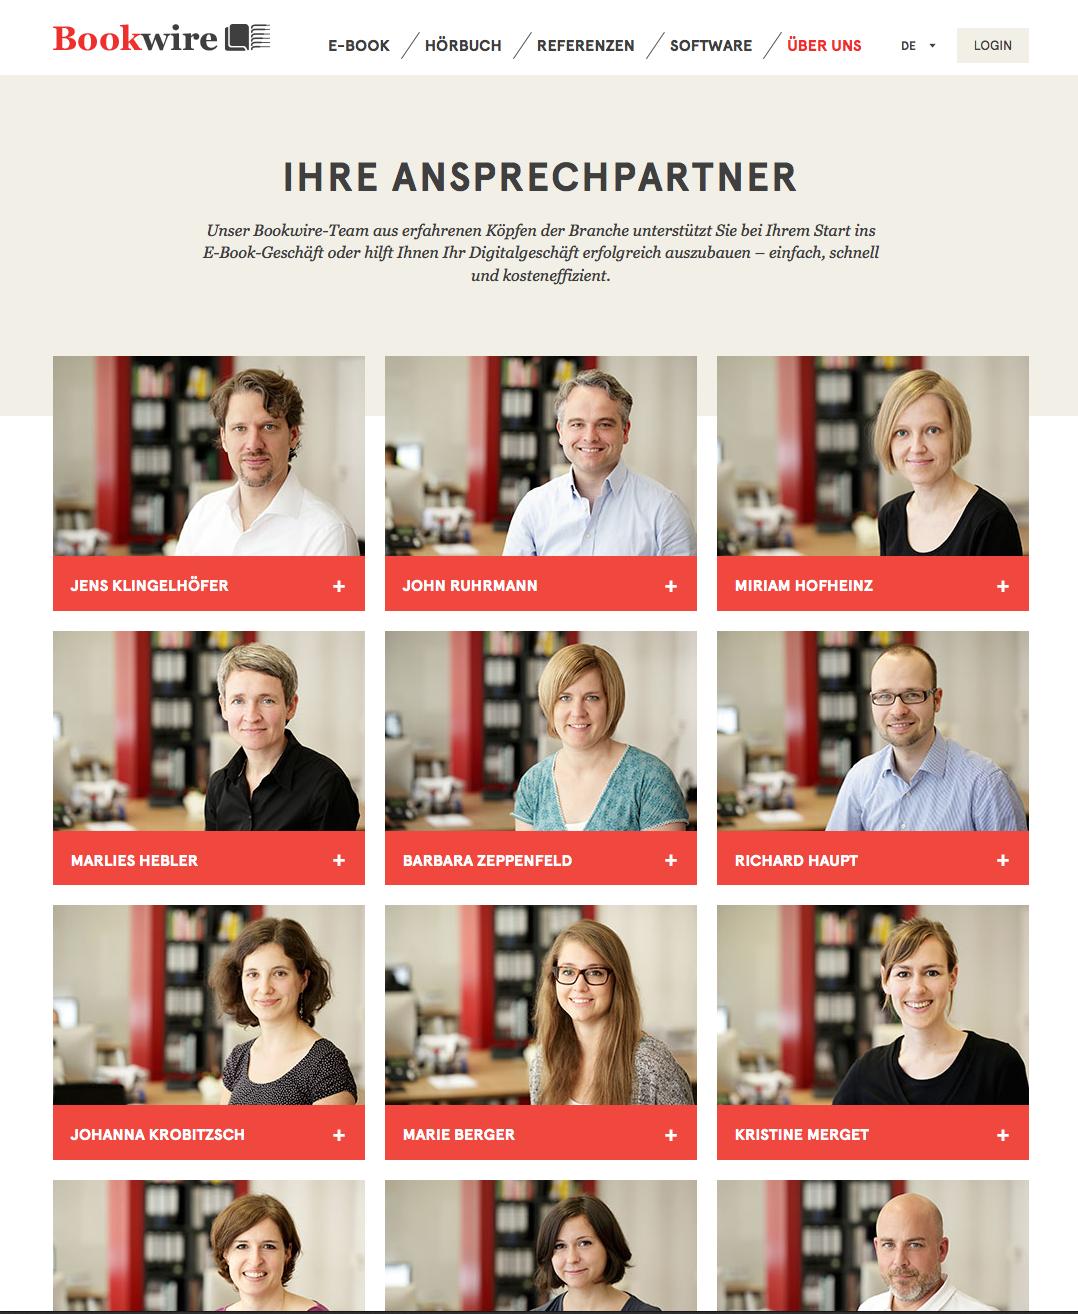 www.bookwire.de